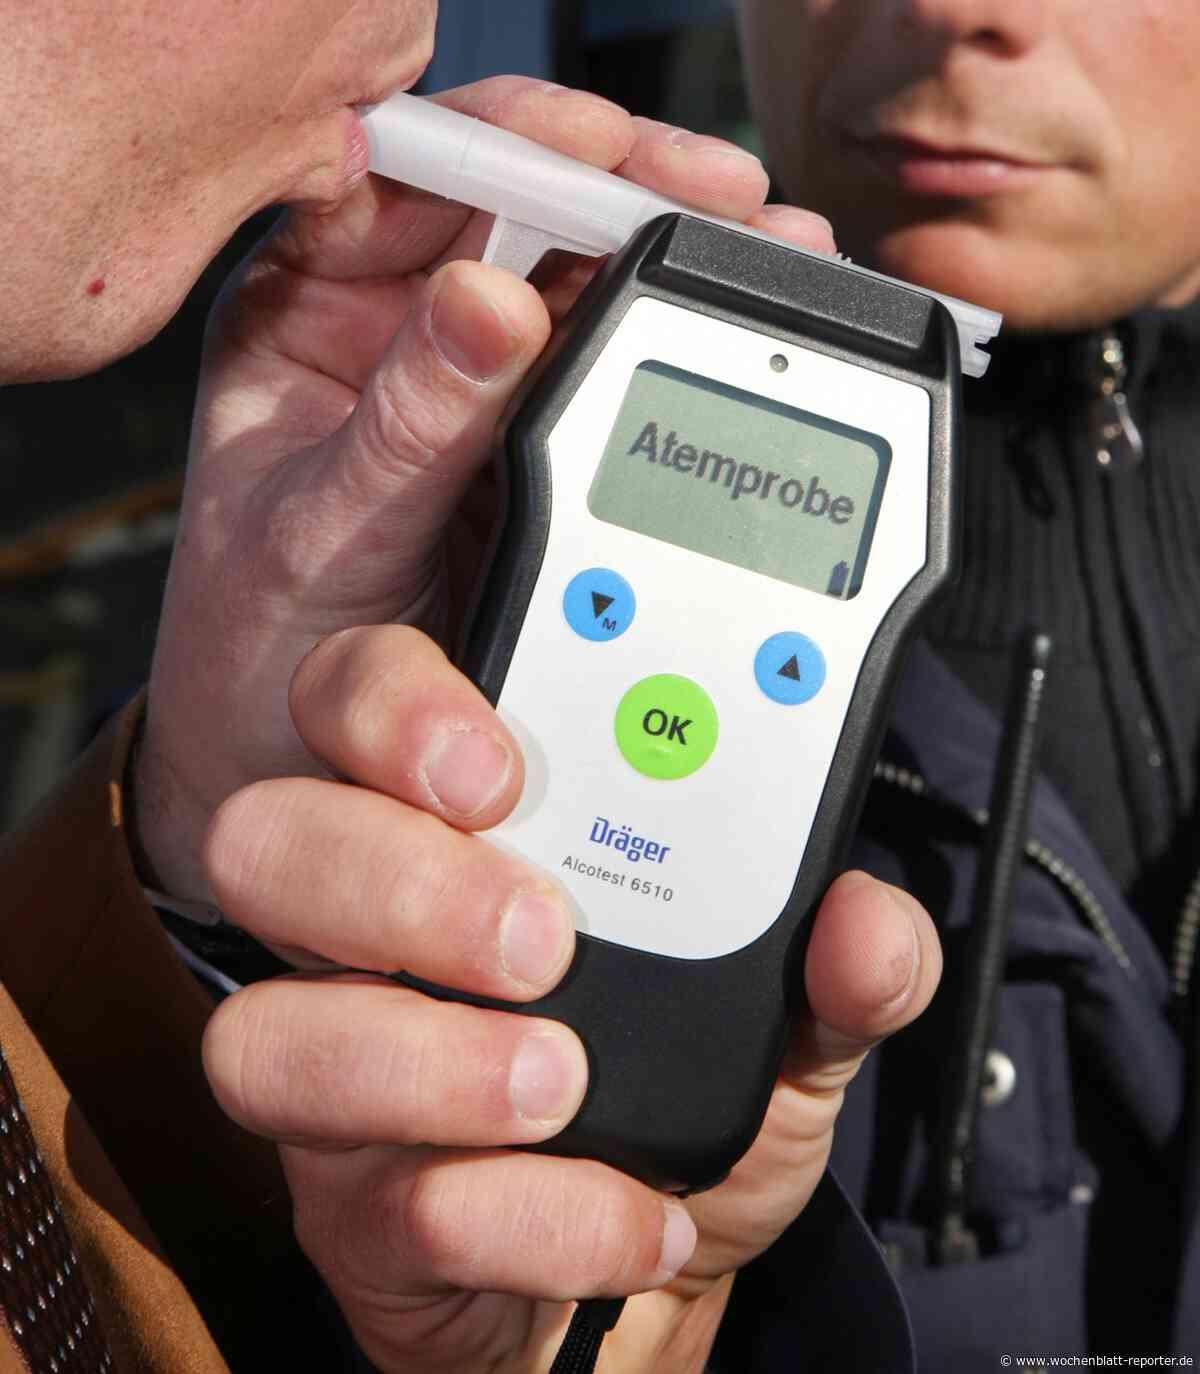 Verkehrskontrolle in Glanbrücken: Unter Einfluss von Alkohol unterwegs - Wochenblatt-Reporter